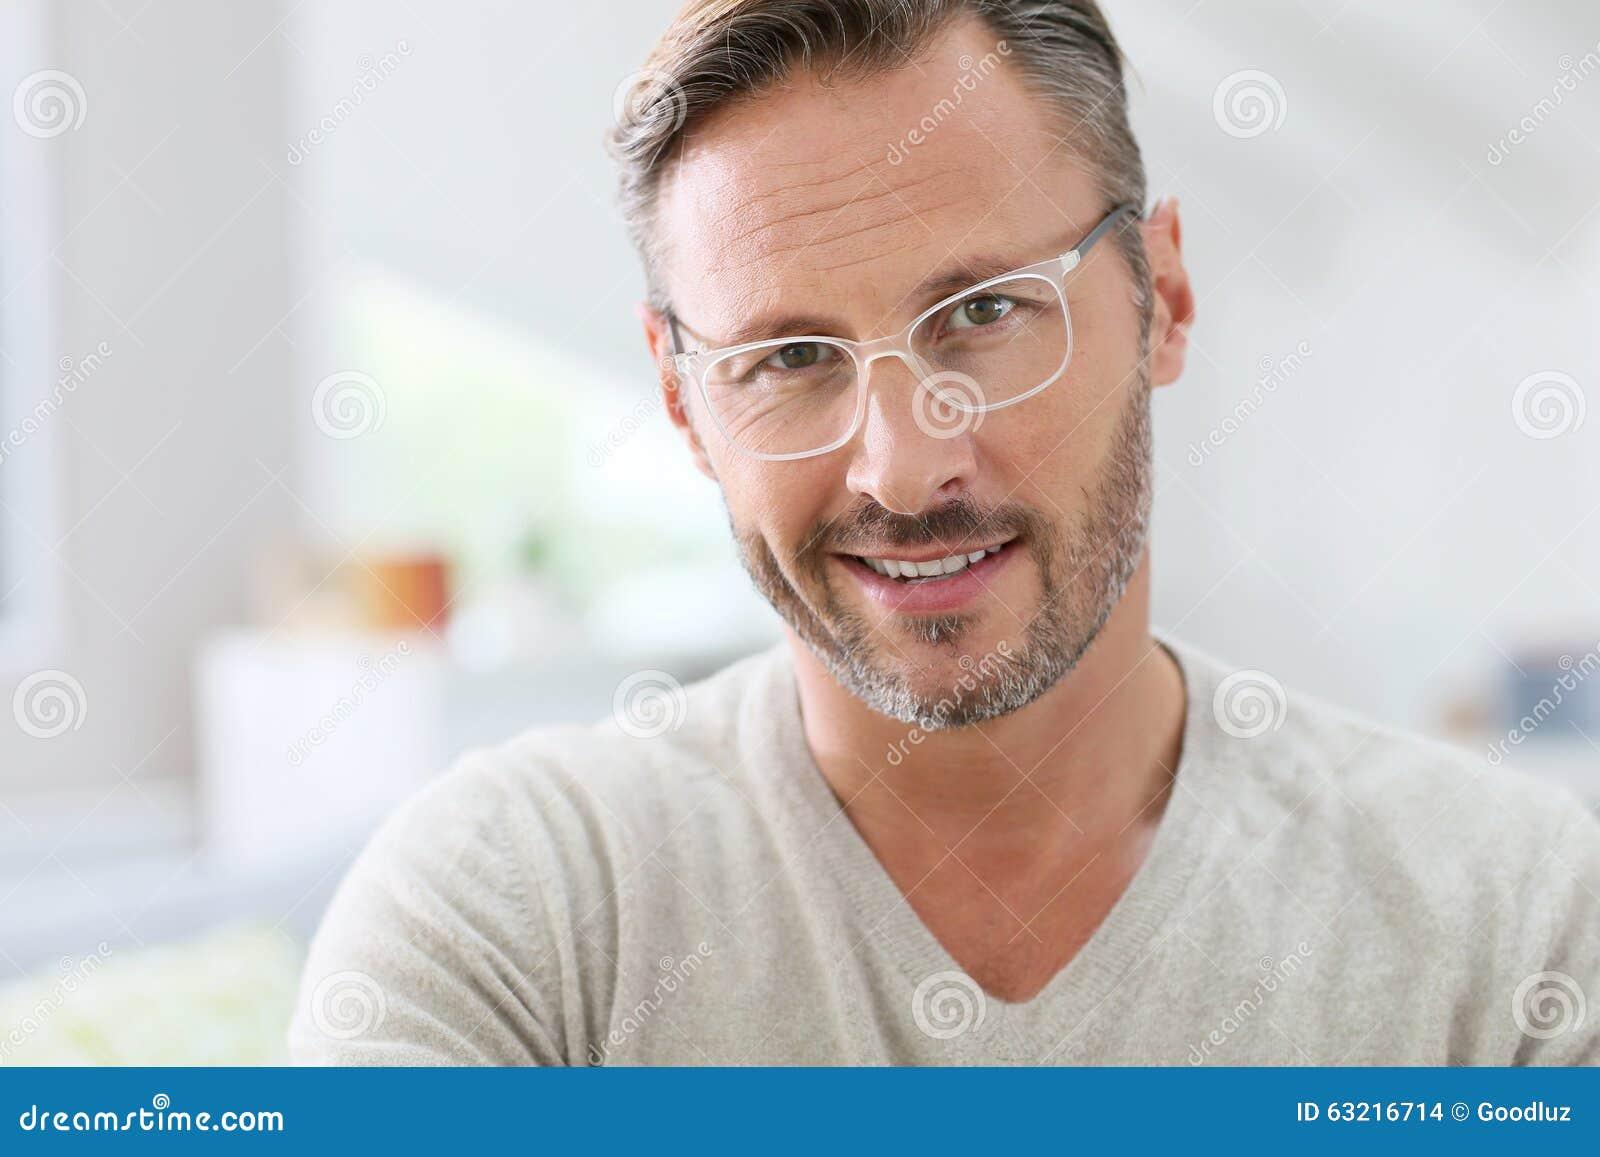 Monóculos brancos vestindo do homem de meia idade considerável